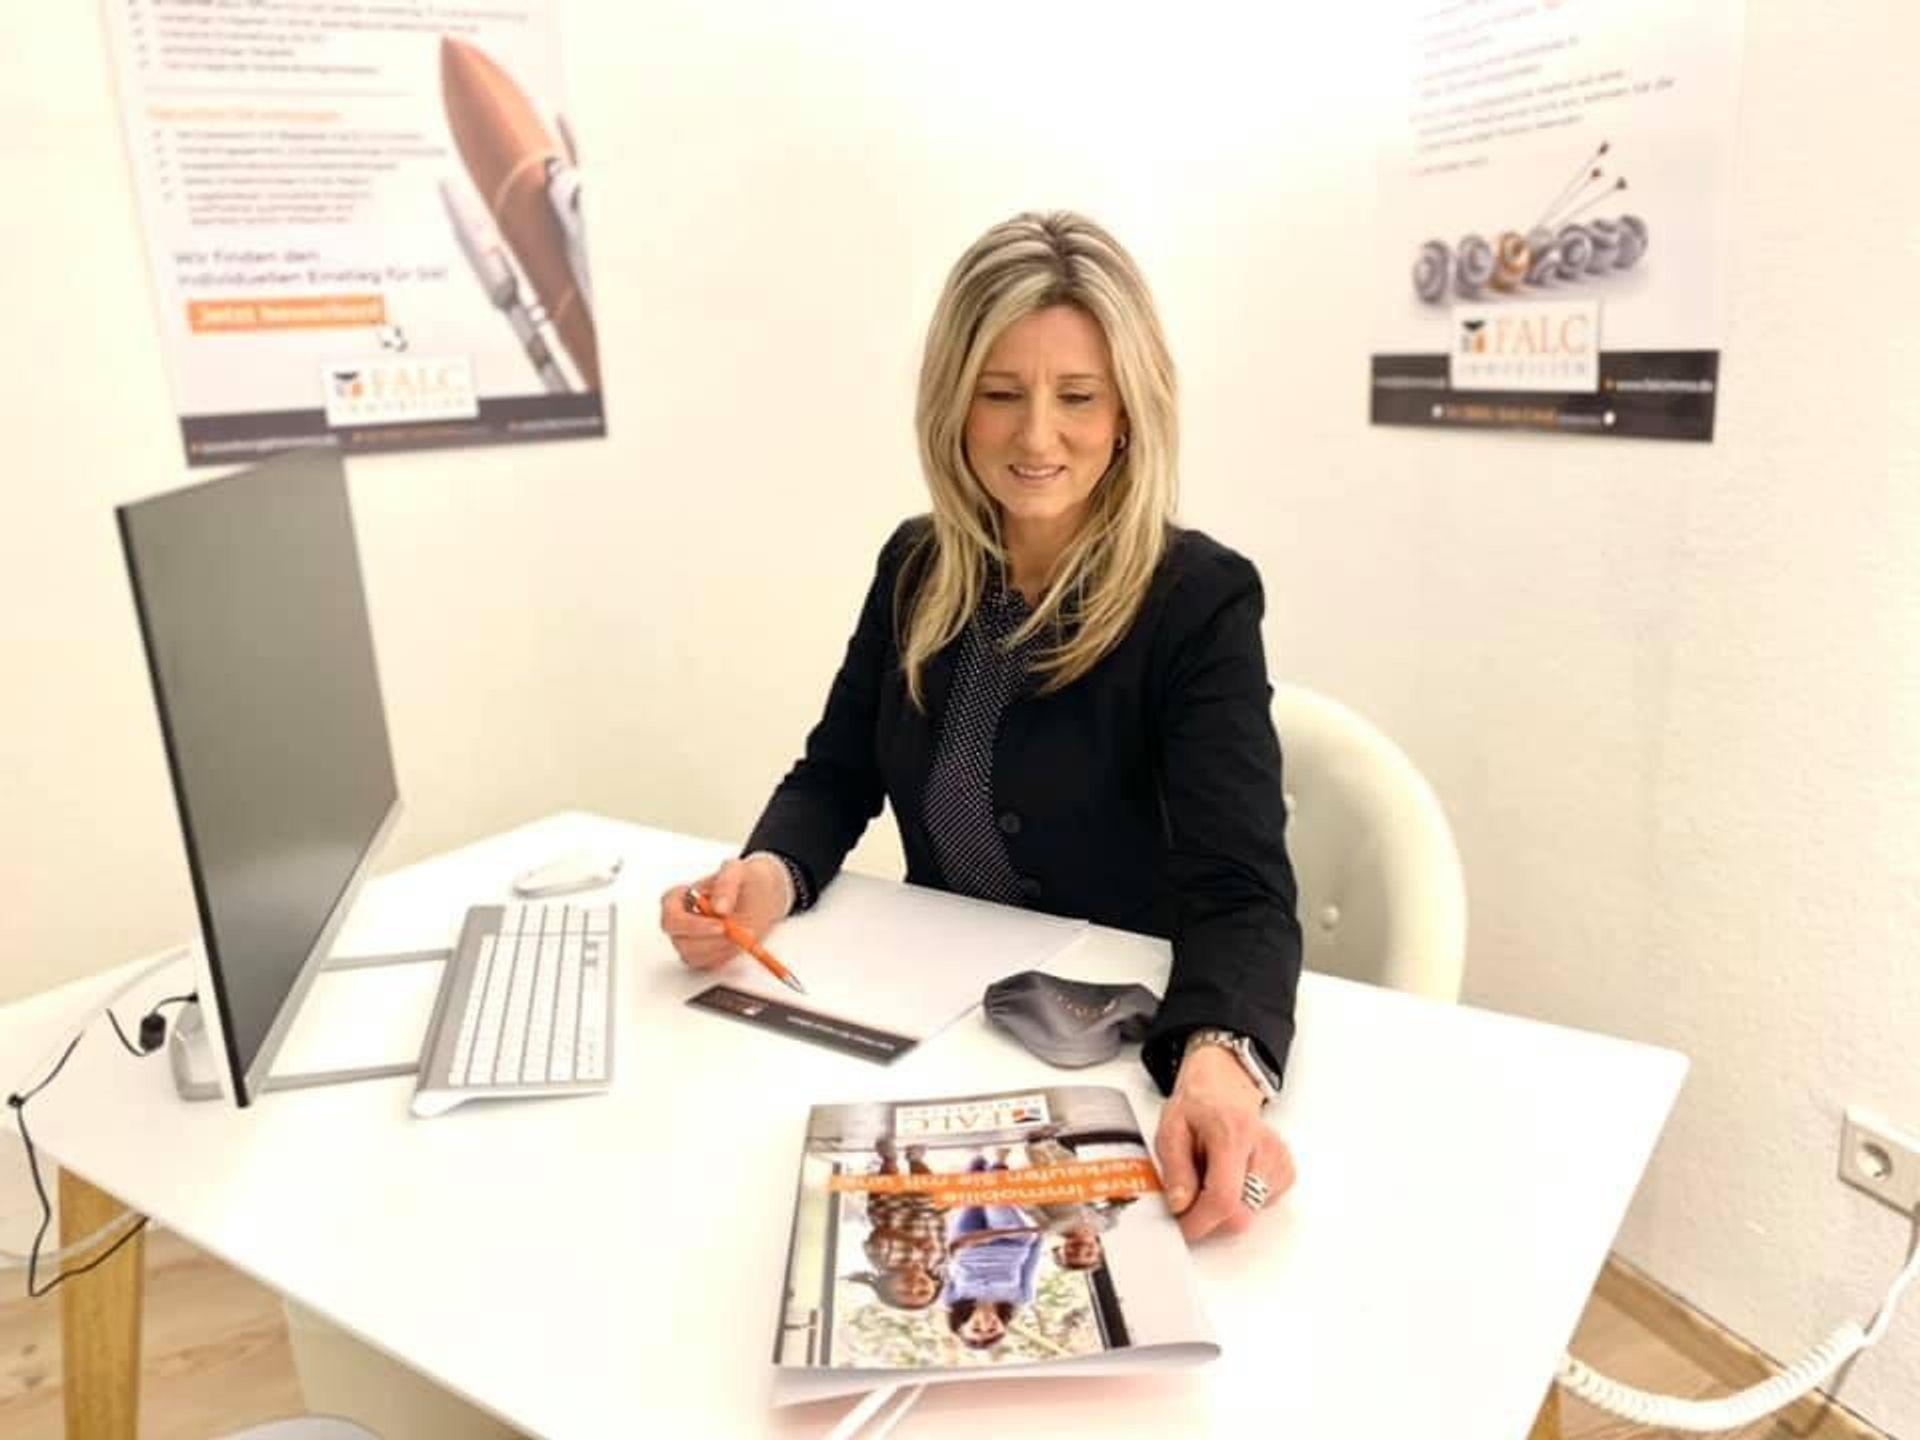 Erfolgsgeschichte Frau Mona Schnülle - Auf direktem Weg an die Spitze